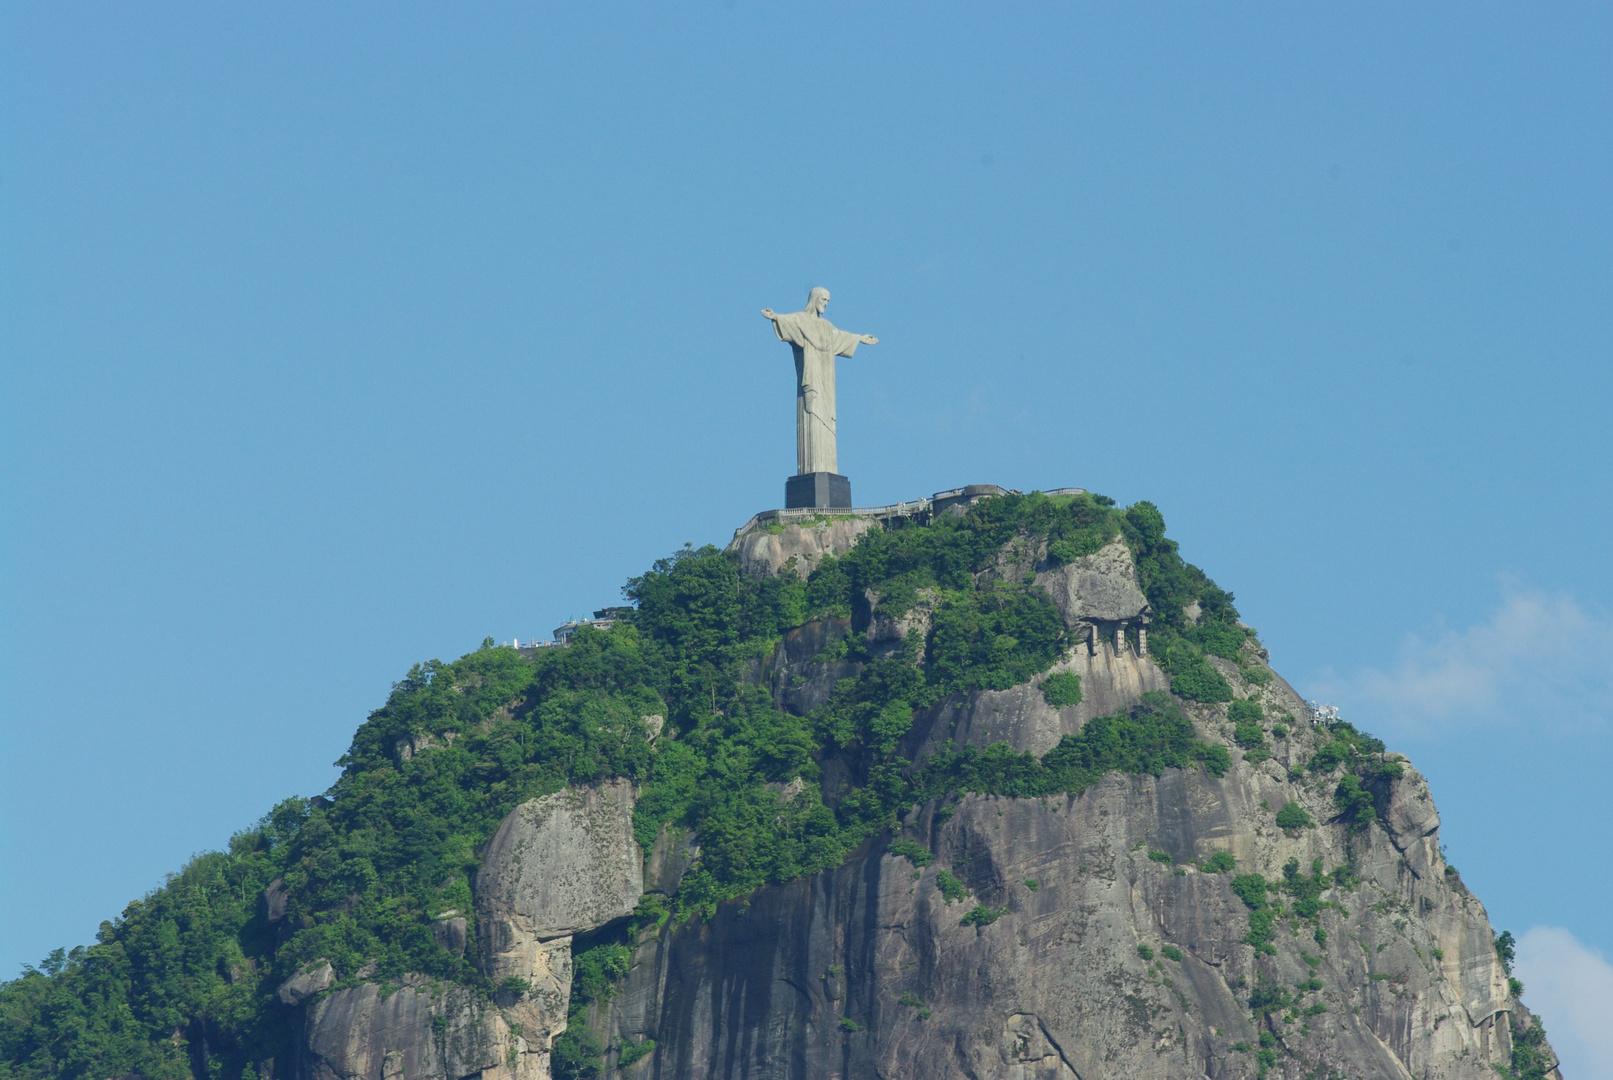 The City of Rio de Janeiro 2